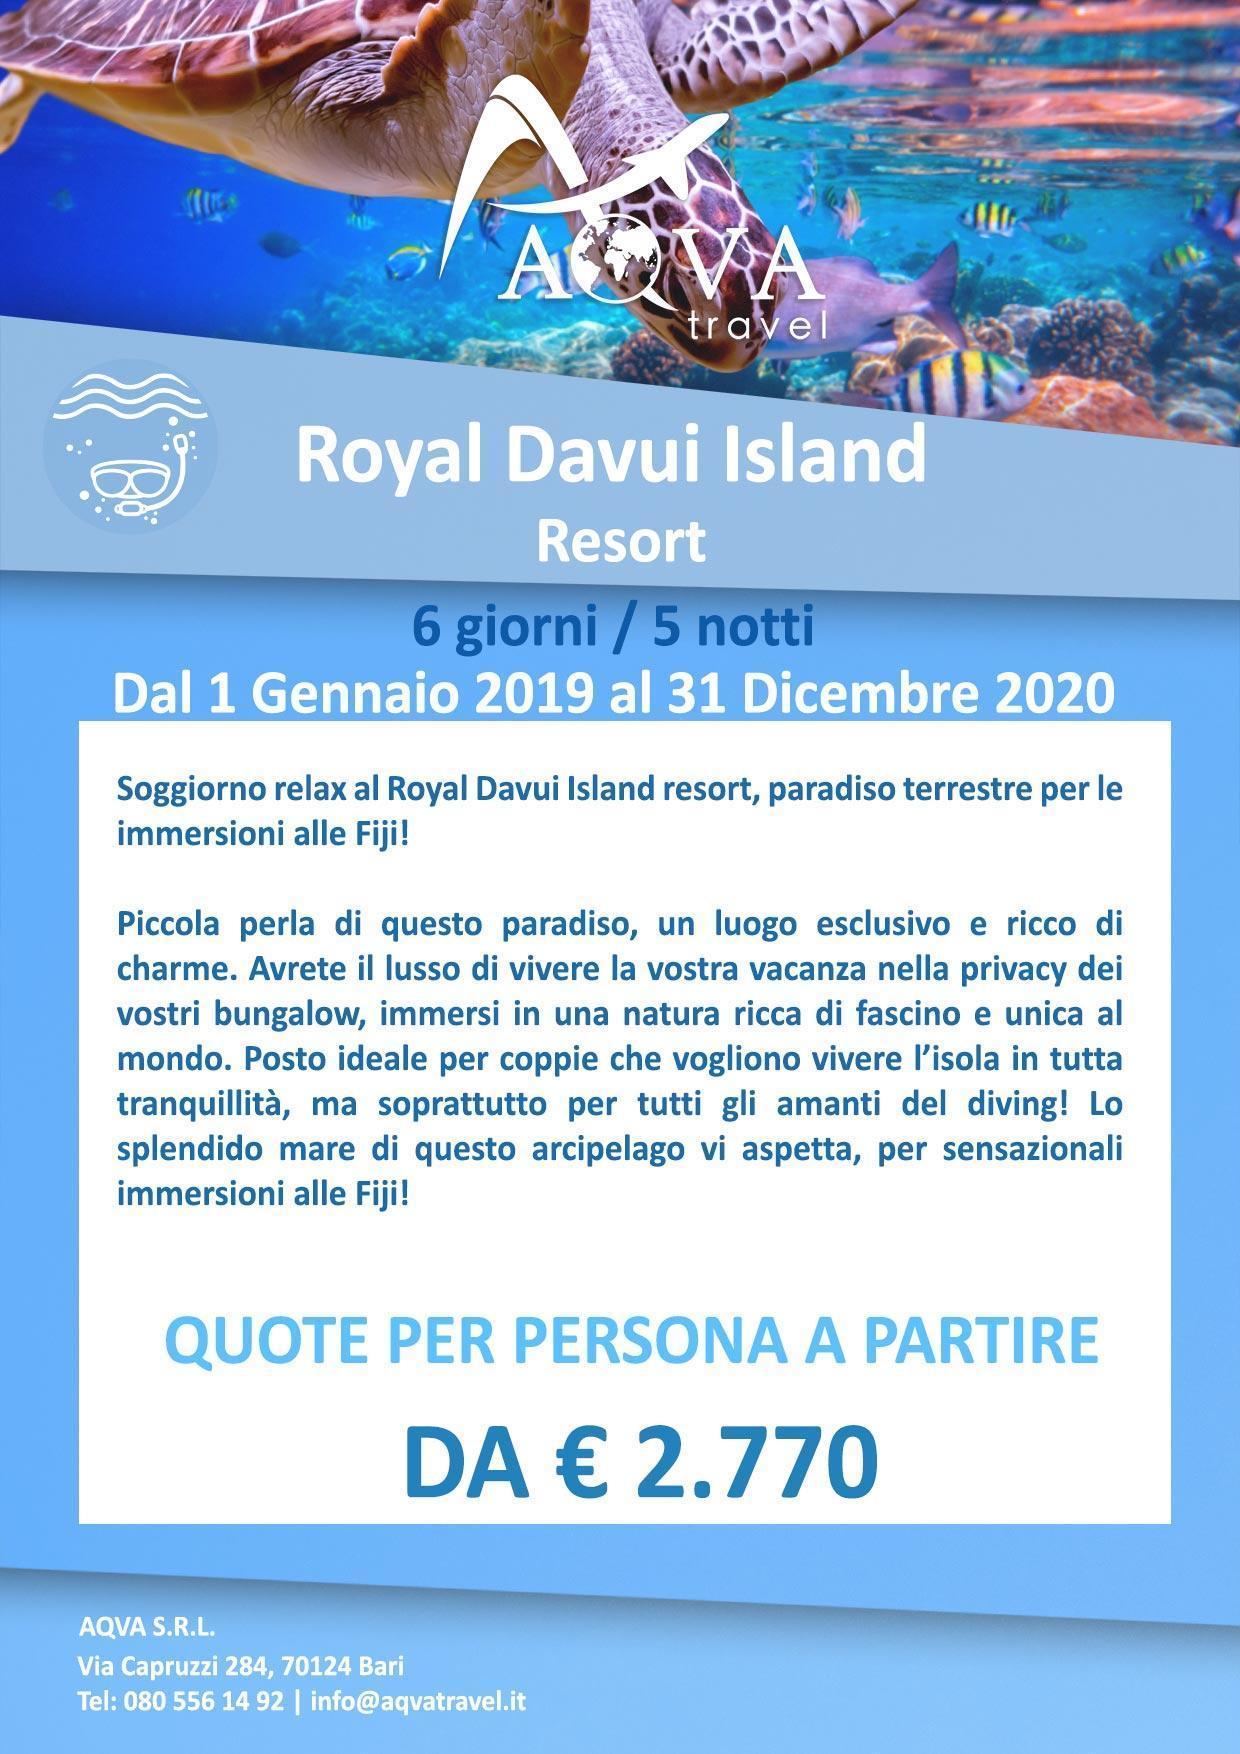 Subacquea-Royal-Davui-Island-Resort-subacquea-offerte-agenzia-di-viaggi-Bari-AQVATRAVEL-it